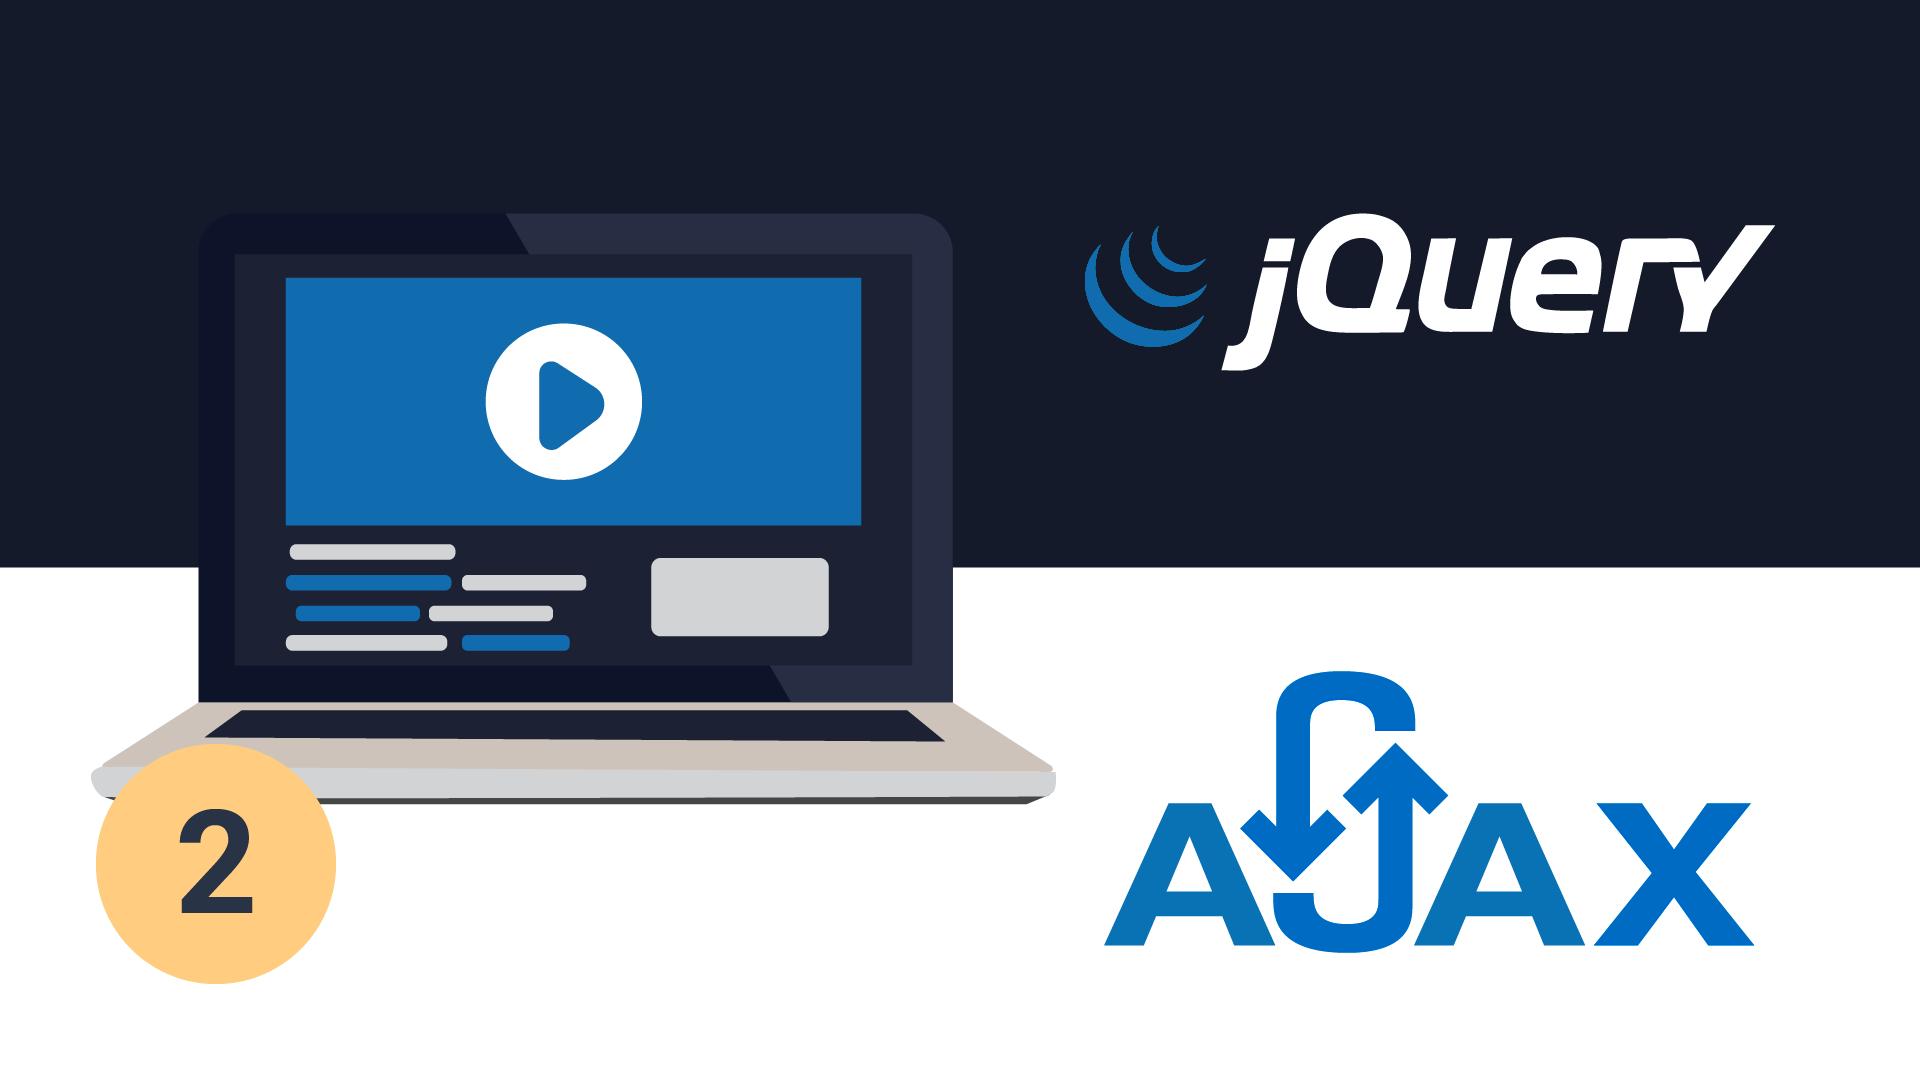 Вебинар Разработка интерактивных веб-приложений с использованием JQUERY+AJAX. Часть II фото